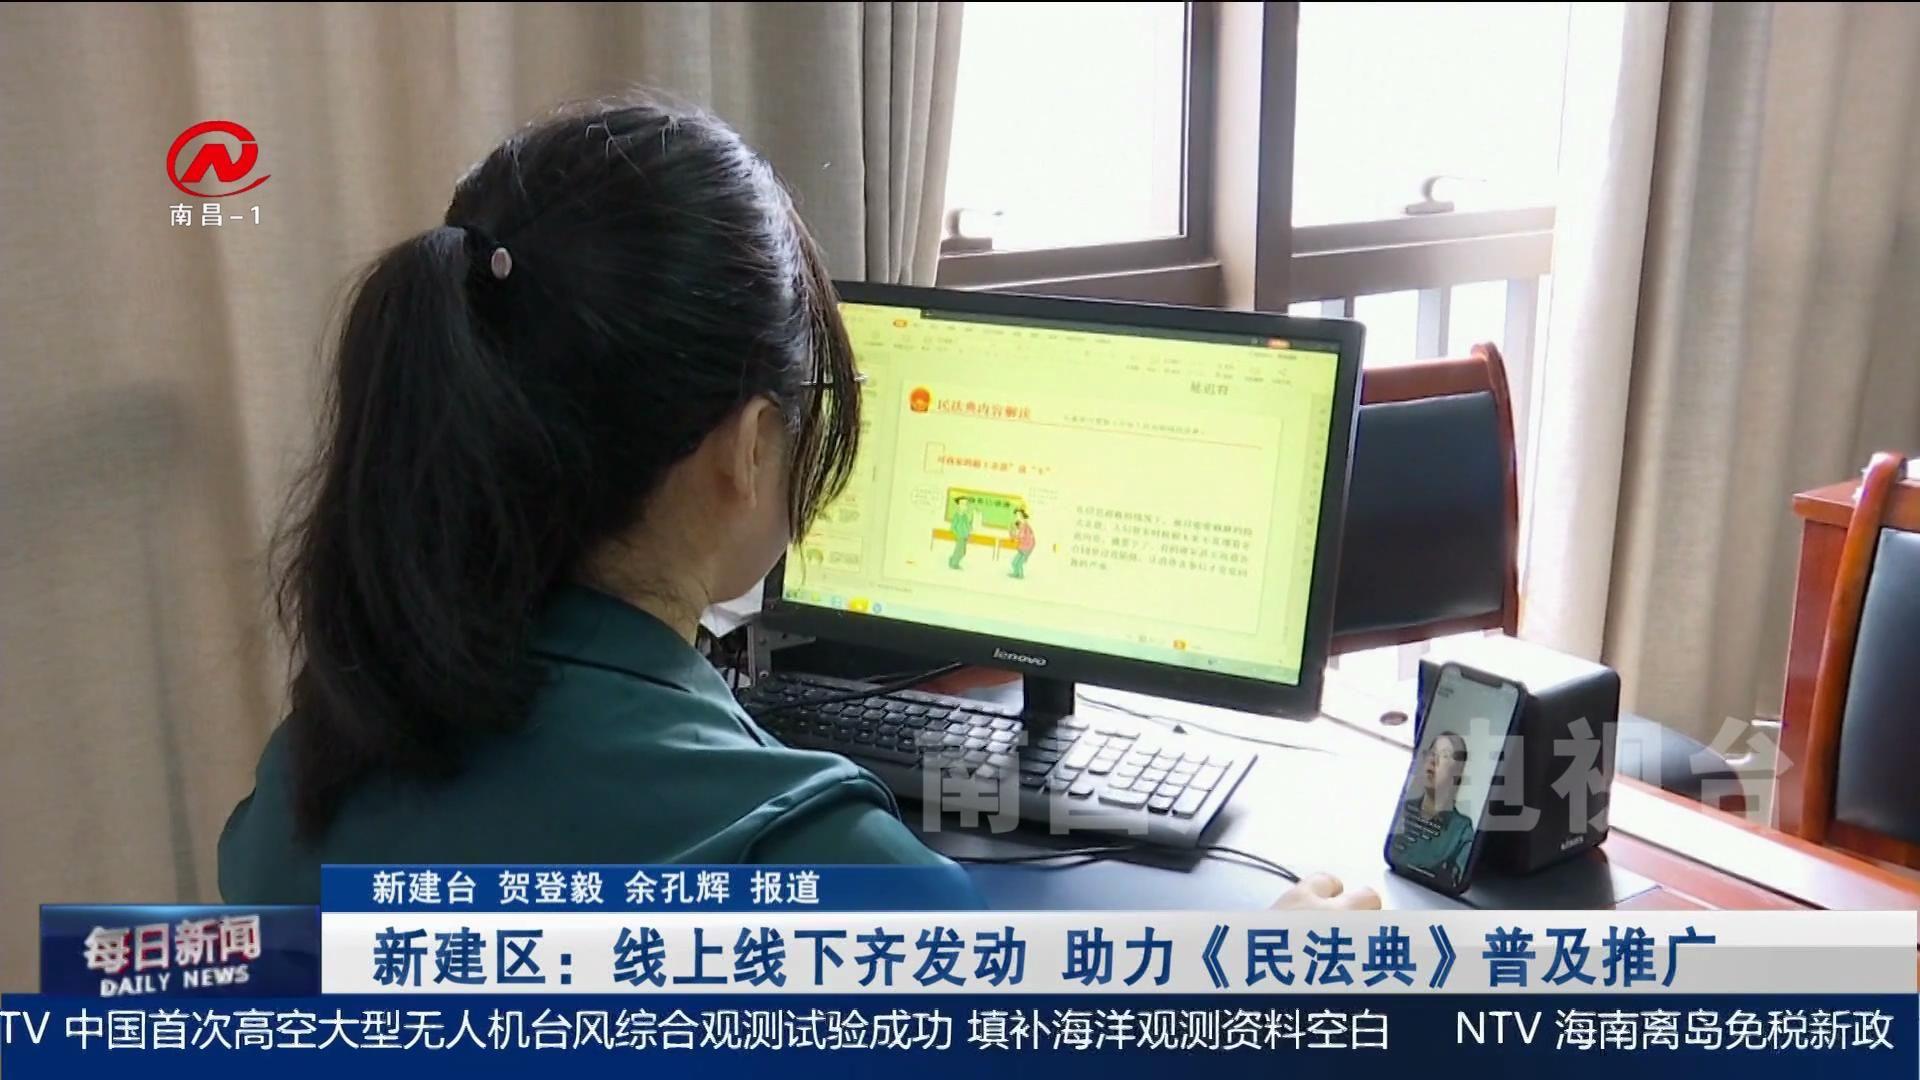 新建區:線上線下齊發動  助力《民法典》普及推廣